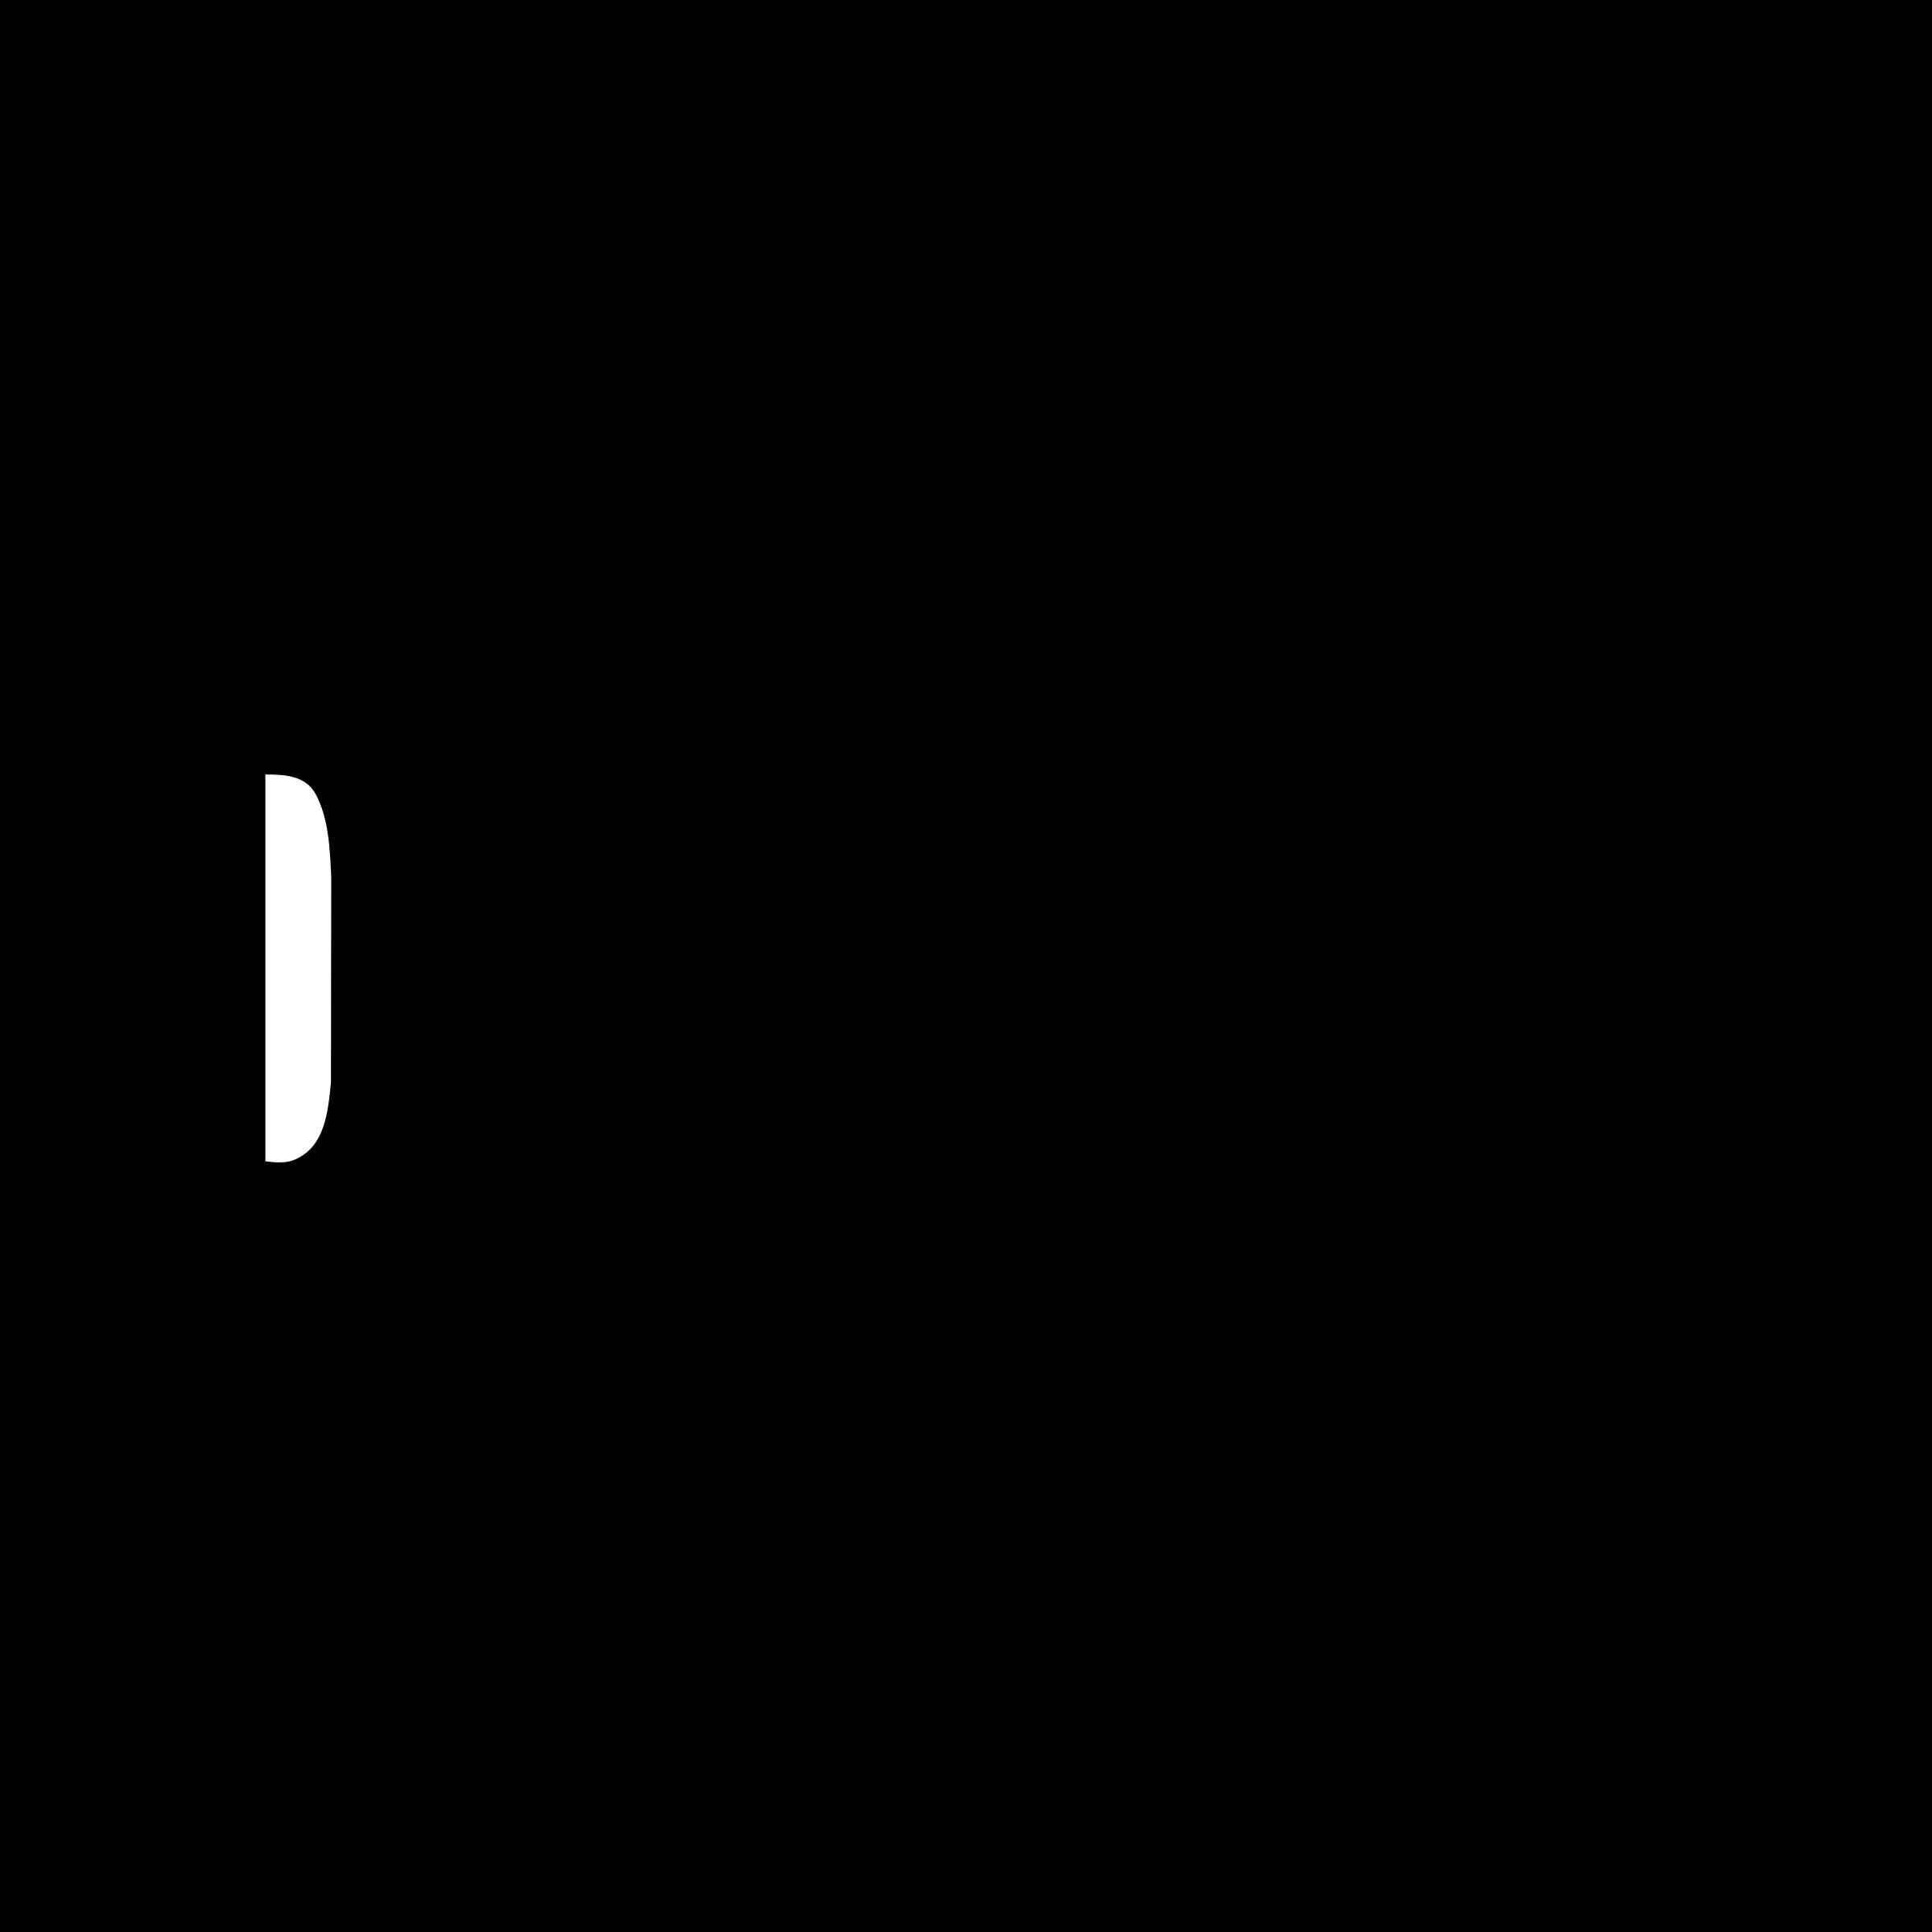 diesel-3-logo-png-transparent